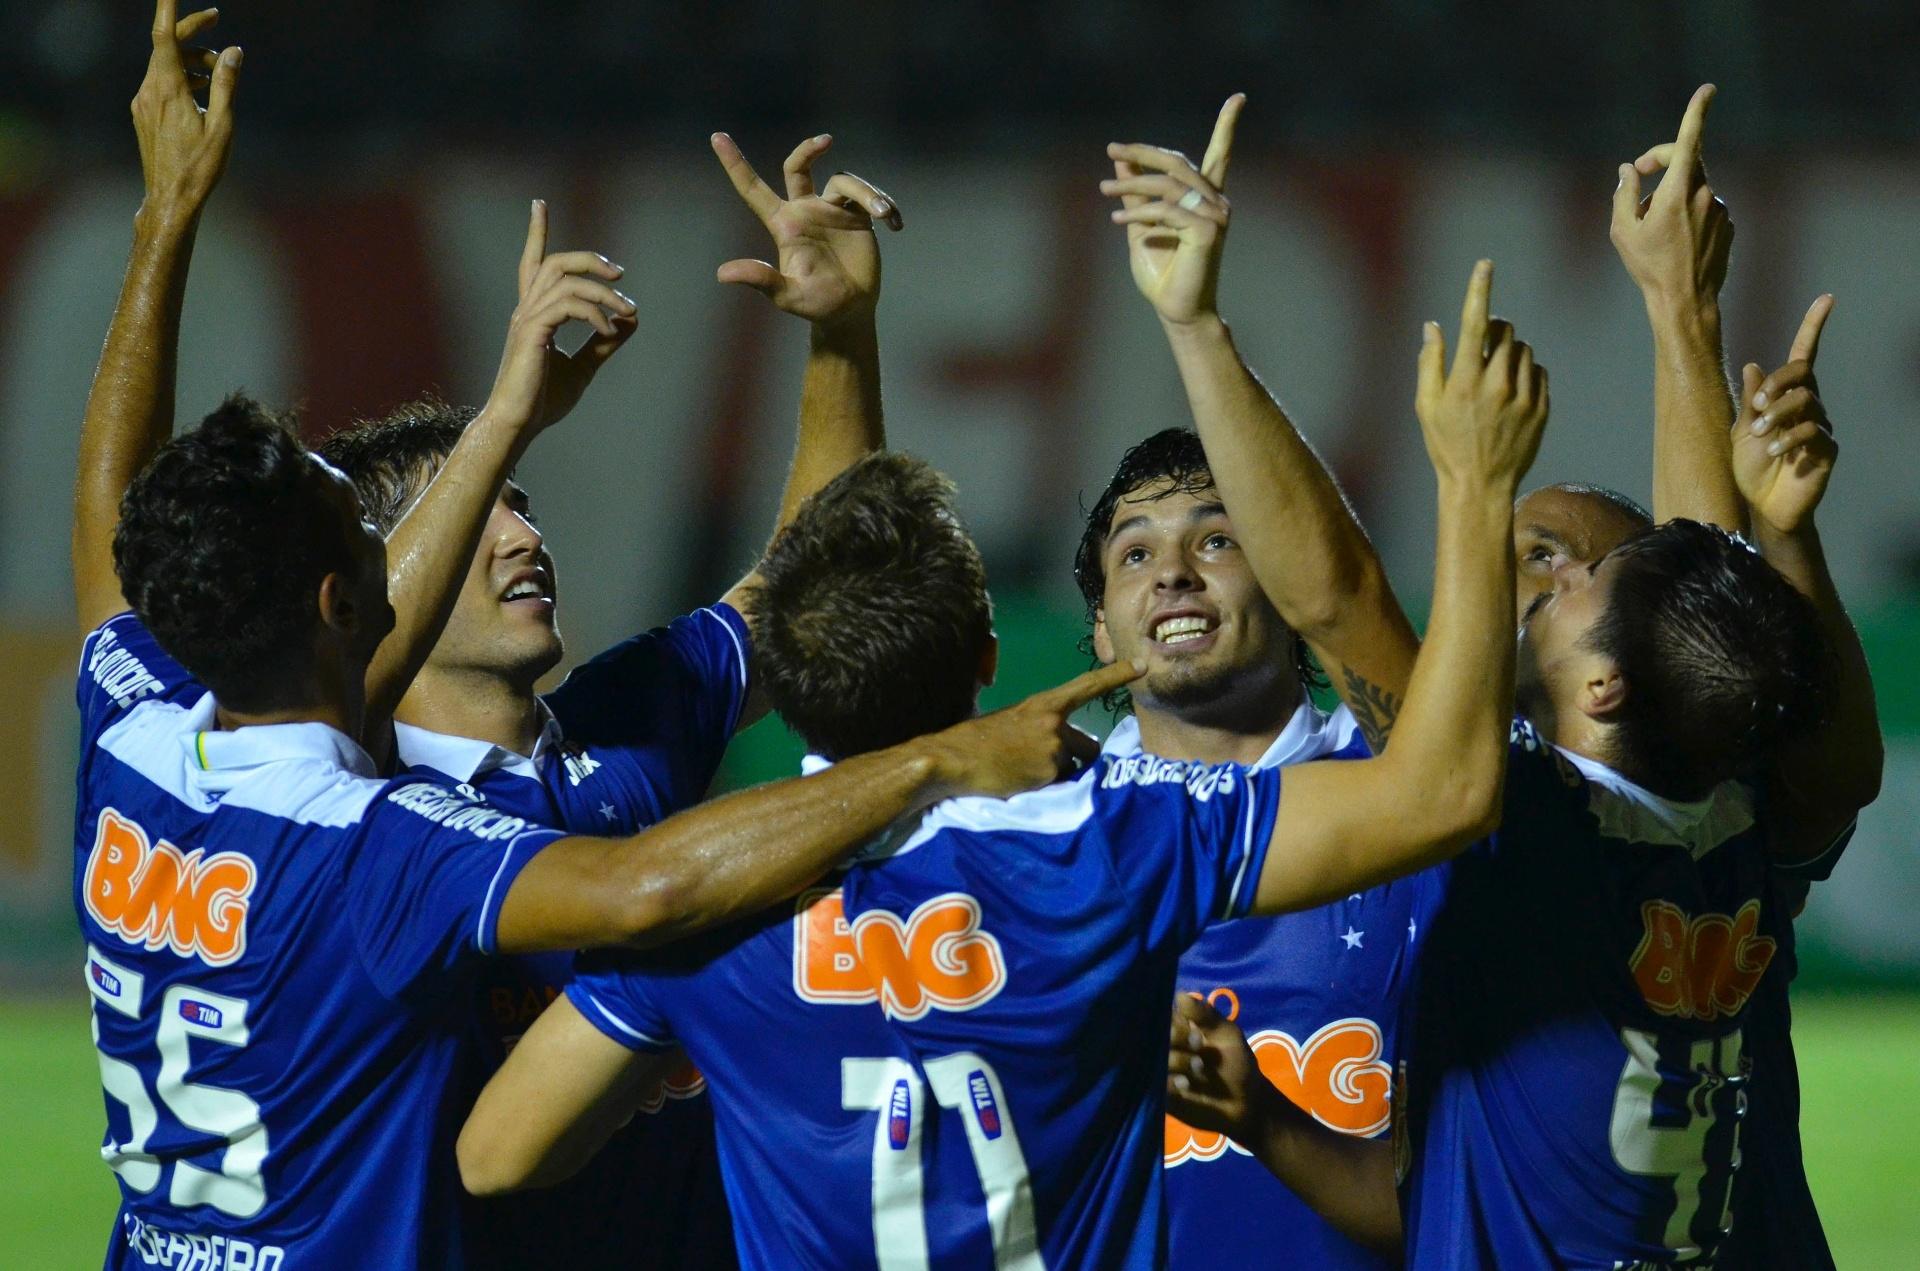 Jogadores do Cruzeiro comemoram gol sobre o Vitoria pelo Brasileirão - 13.nov.2013